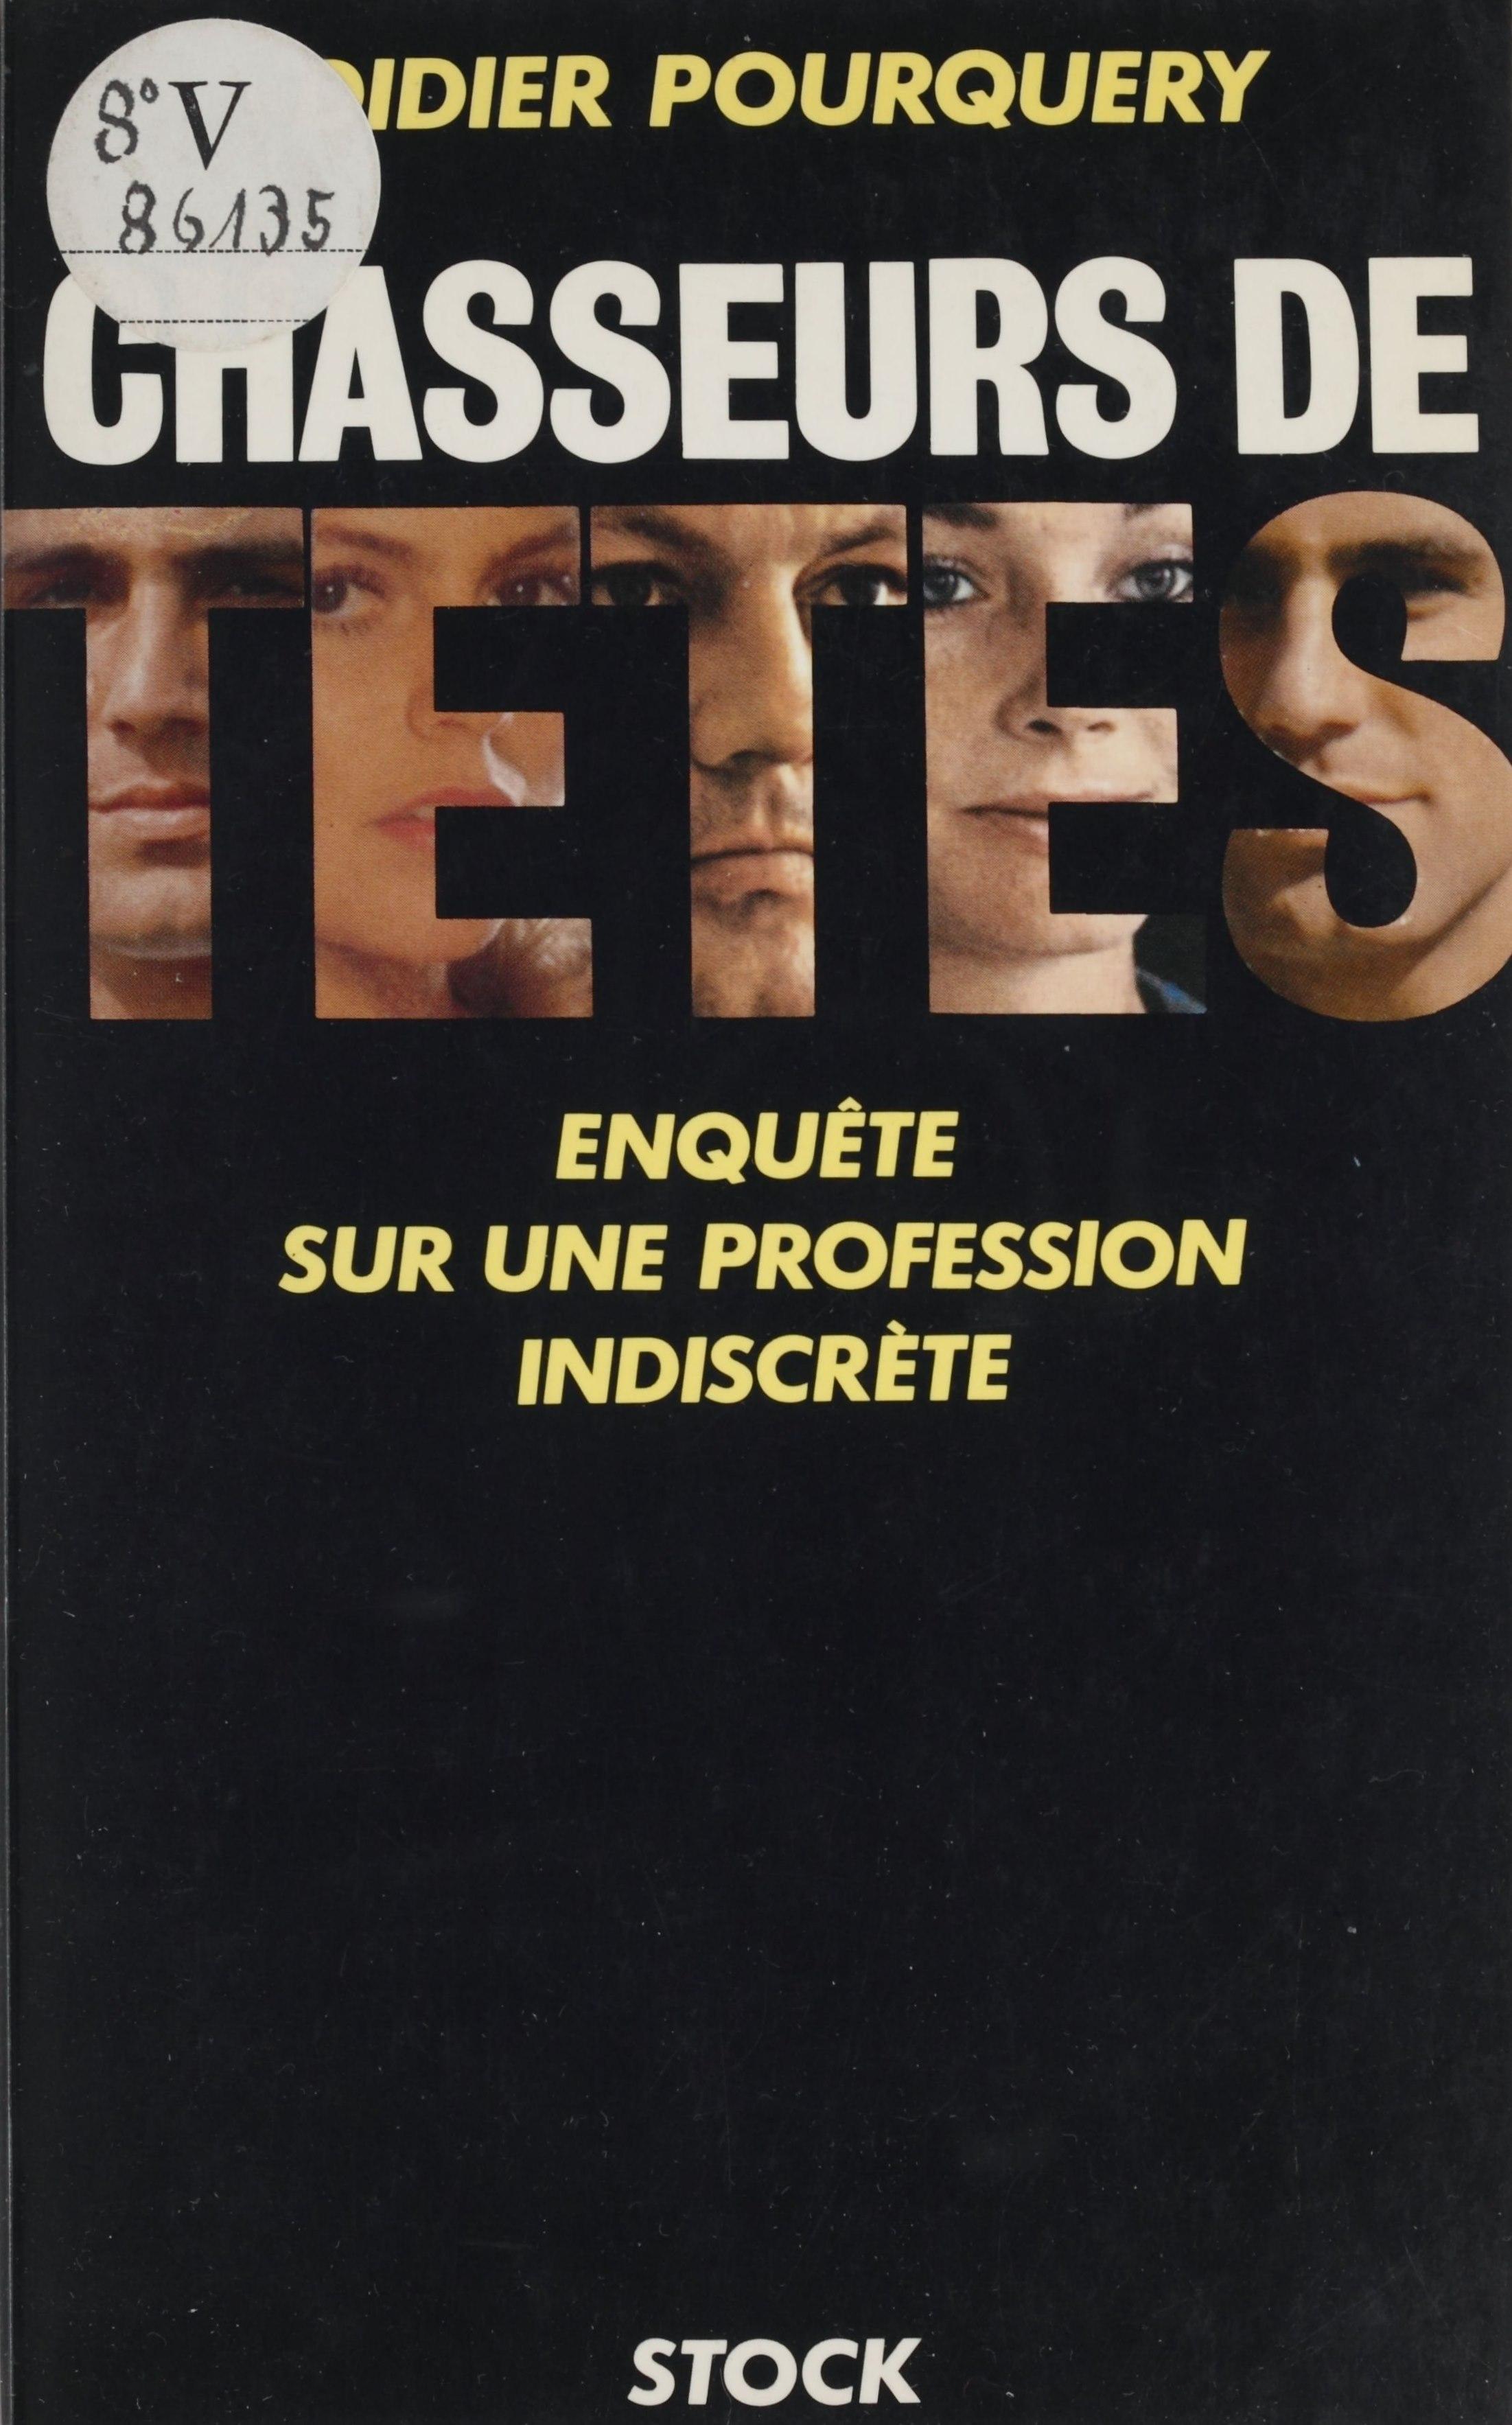 Chasseurs de têtes : enquête sur une profession indiscrète